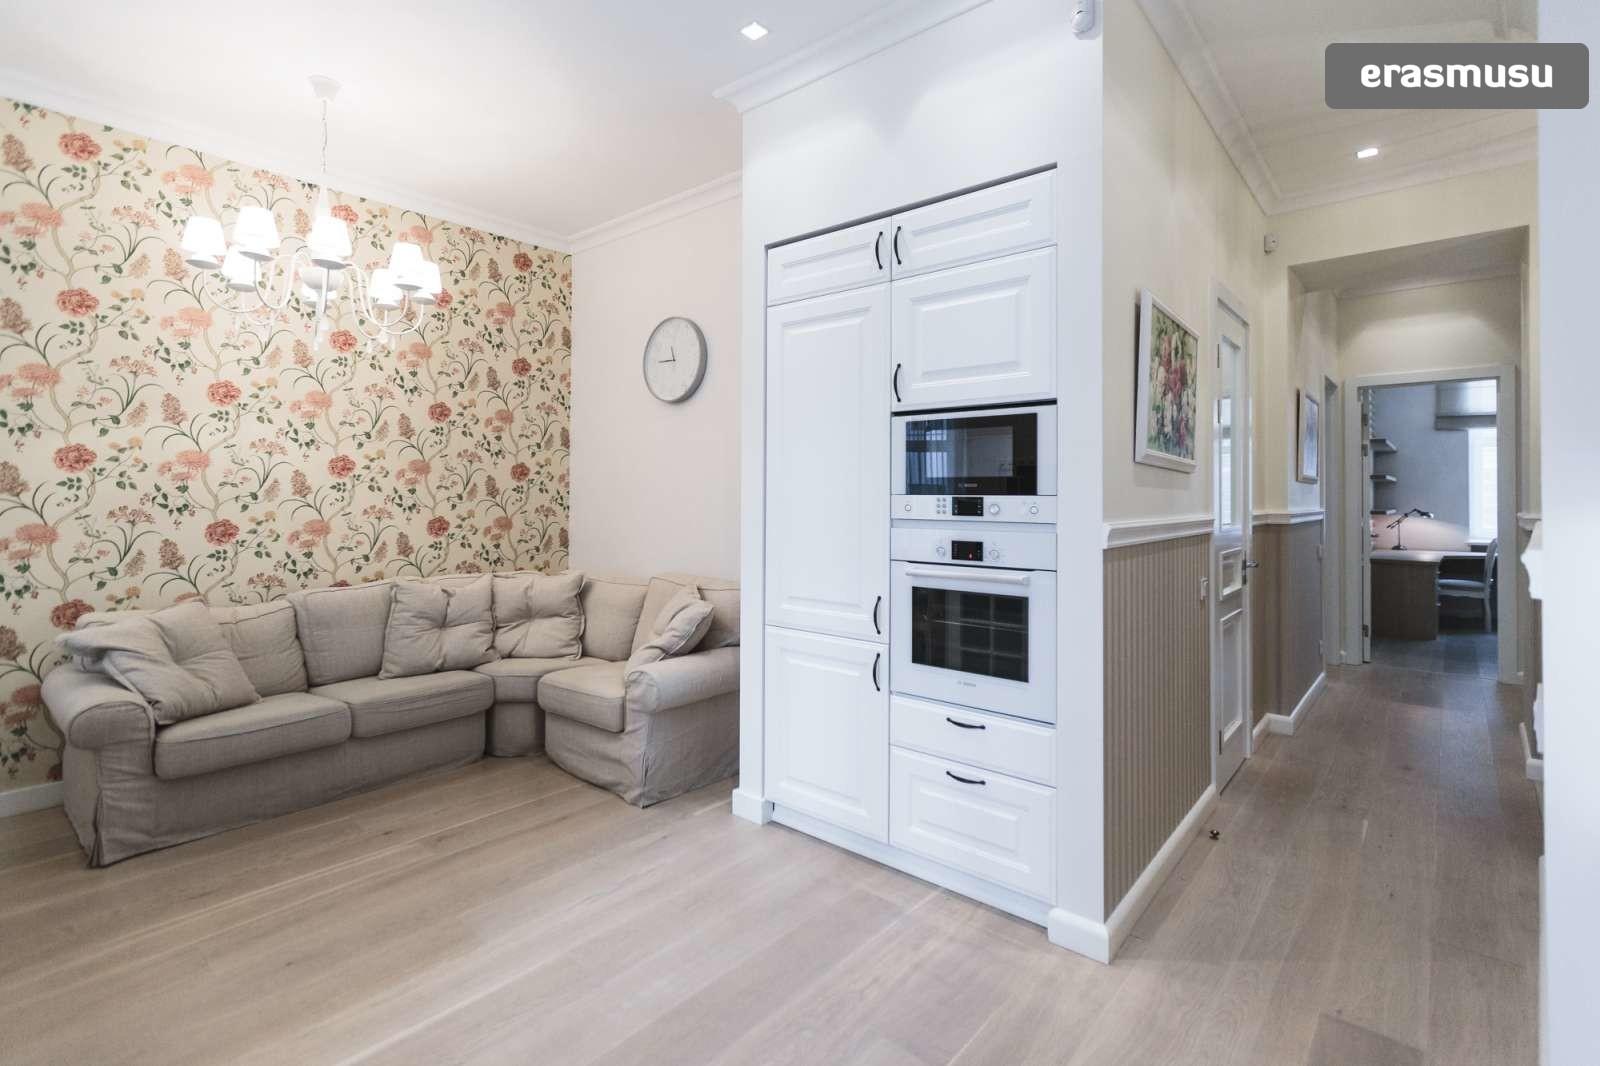 elegant-2-bedroom-partment-rent-centrs-a863d264dc2db6d0b8a896a24